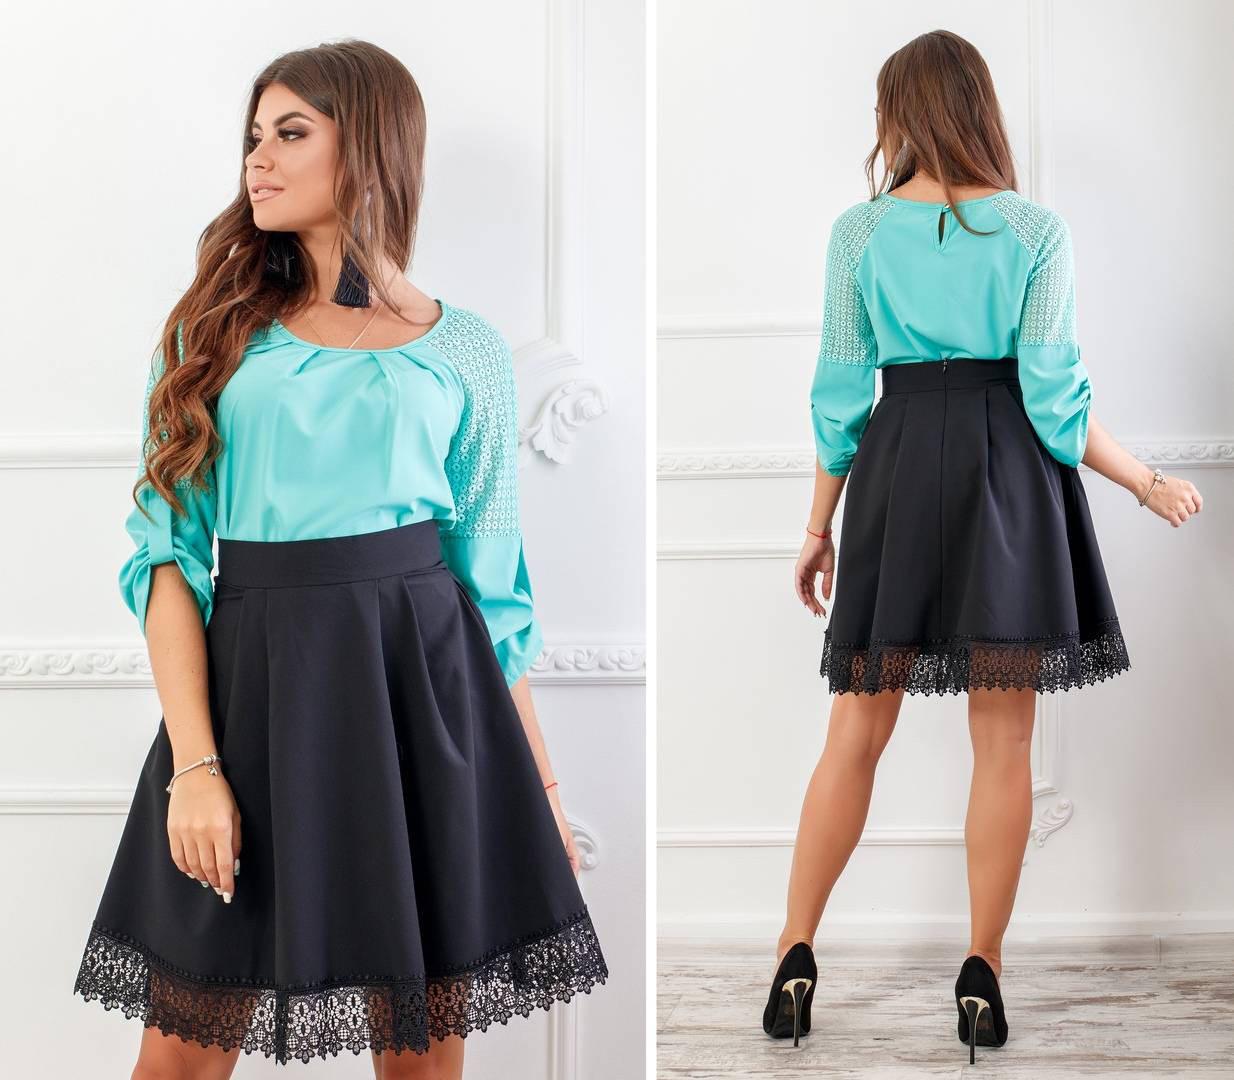 Блуза женская с кружевными вставками, бенгалин, новинка 2018, модель 117, цвет - бирюза